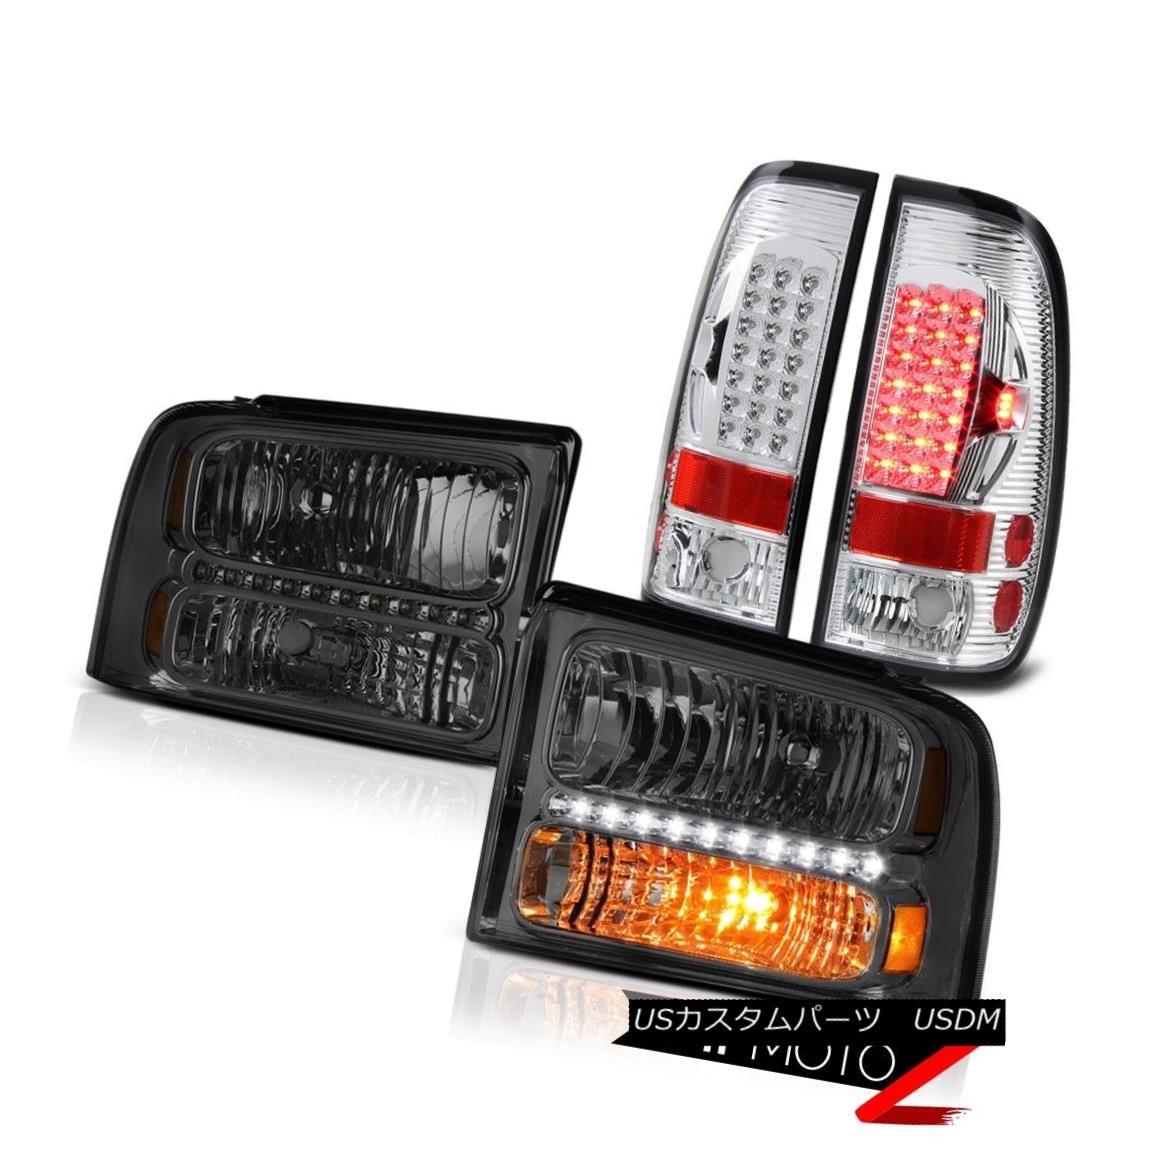 ヘッドライト Tinted Crystal Headlamps Chrome LED Taillamps 2005 2006 2007 Ford F350 Lariat ティンテッドクリスタルヘッドランプChrome LED Taillamps 2005 2006 2007 Ford F350 Lariat